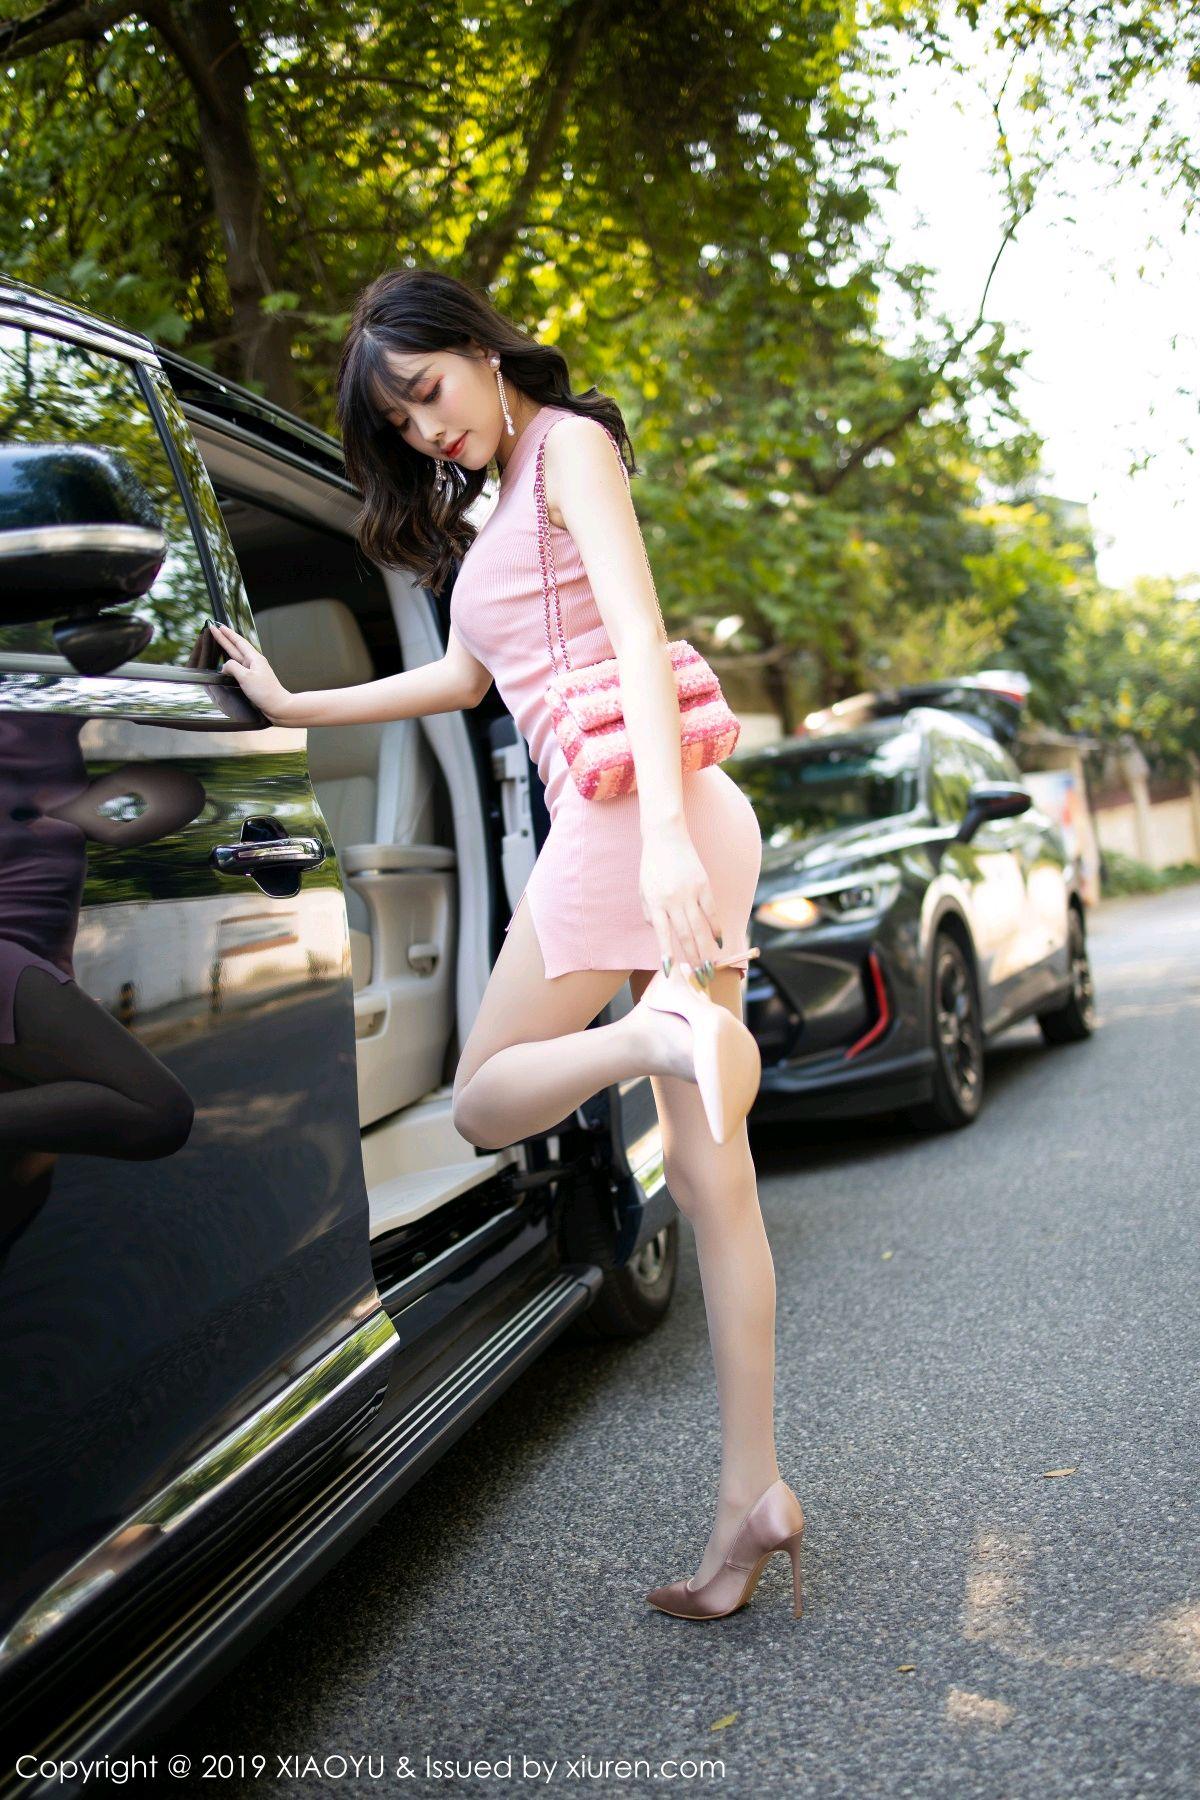 [XIAOYU] Vol.178 Yang Chen Chen 8P, Outdoor, Tall, XiaoYu, Yang Chen Chen